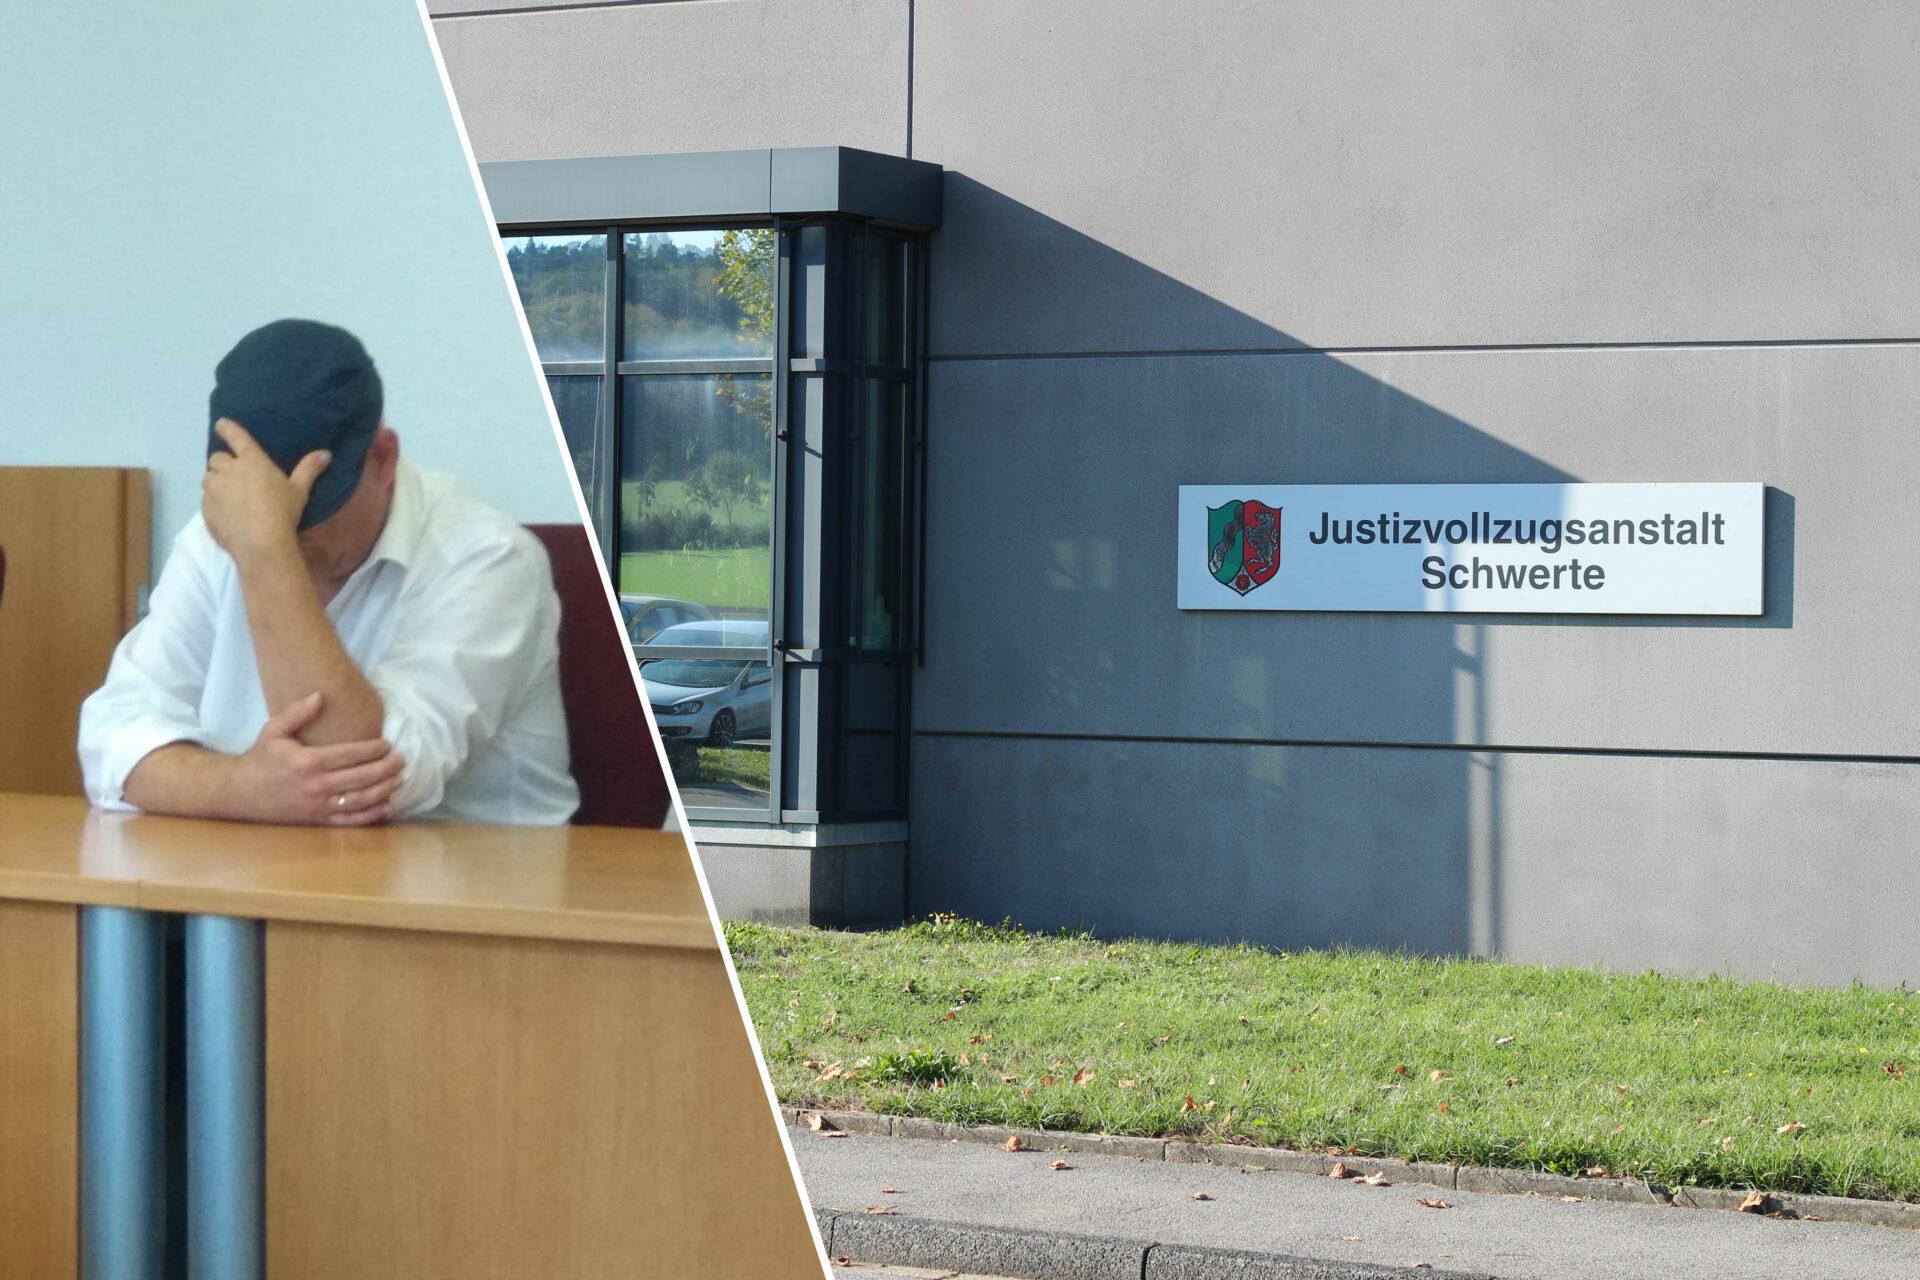 Ex-Mitarbeiter der JVA-Schwerte zeigt vor Gericht Reue: Bewährungsstrafe wegen des Besitzes von Kinderpornos